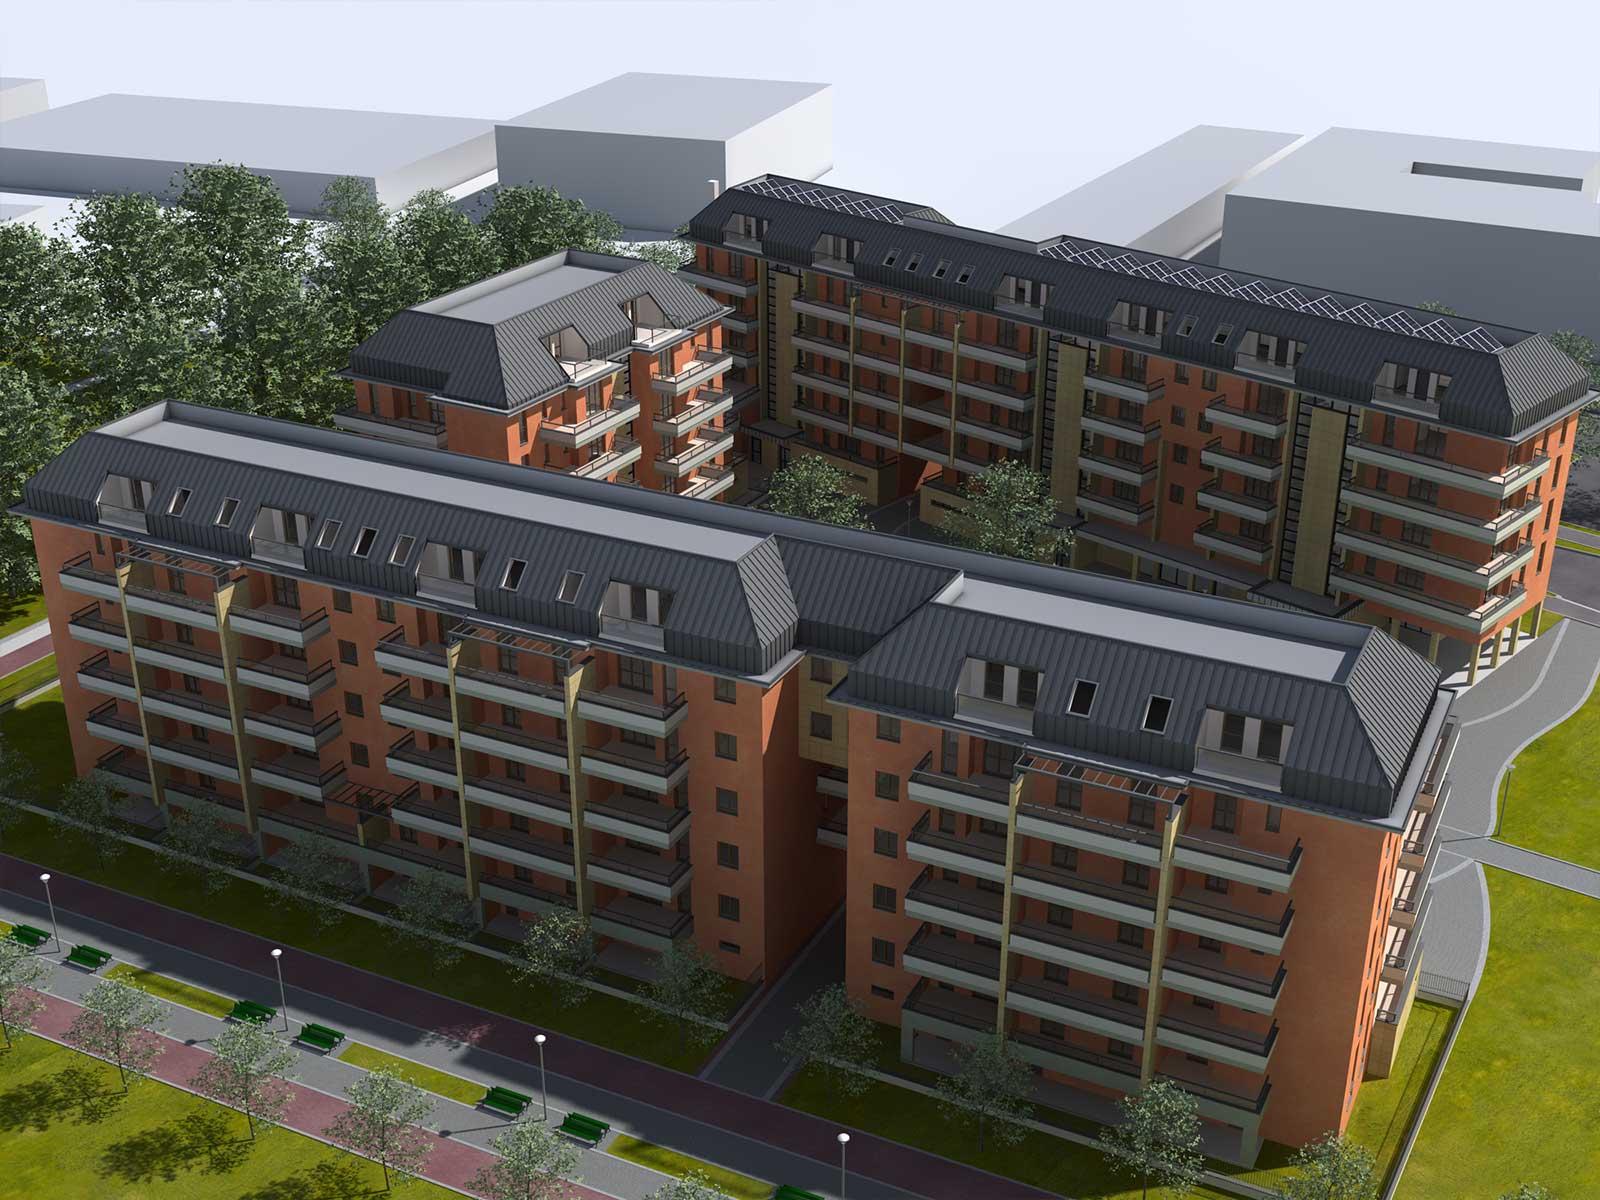 terrazze ripamonti milano progettazione 02